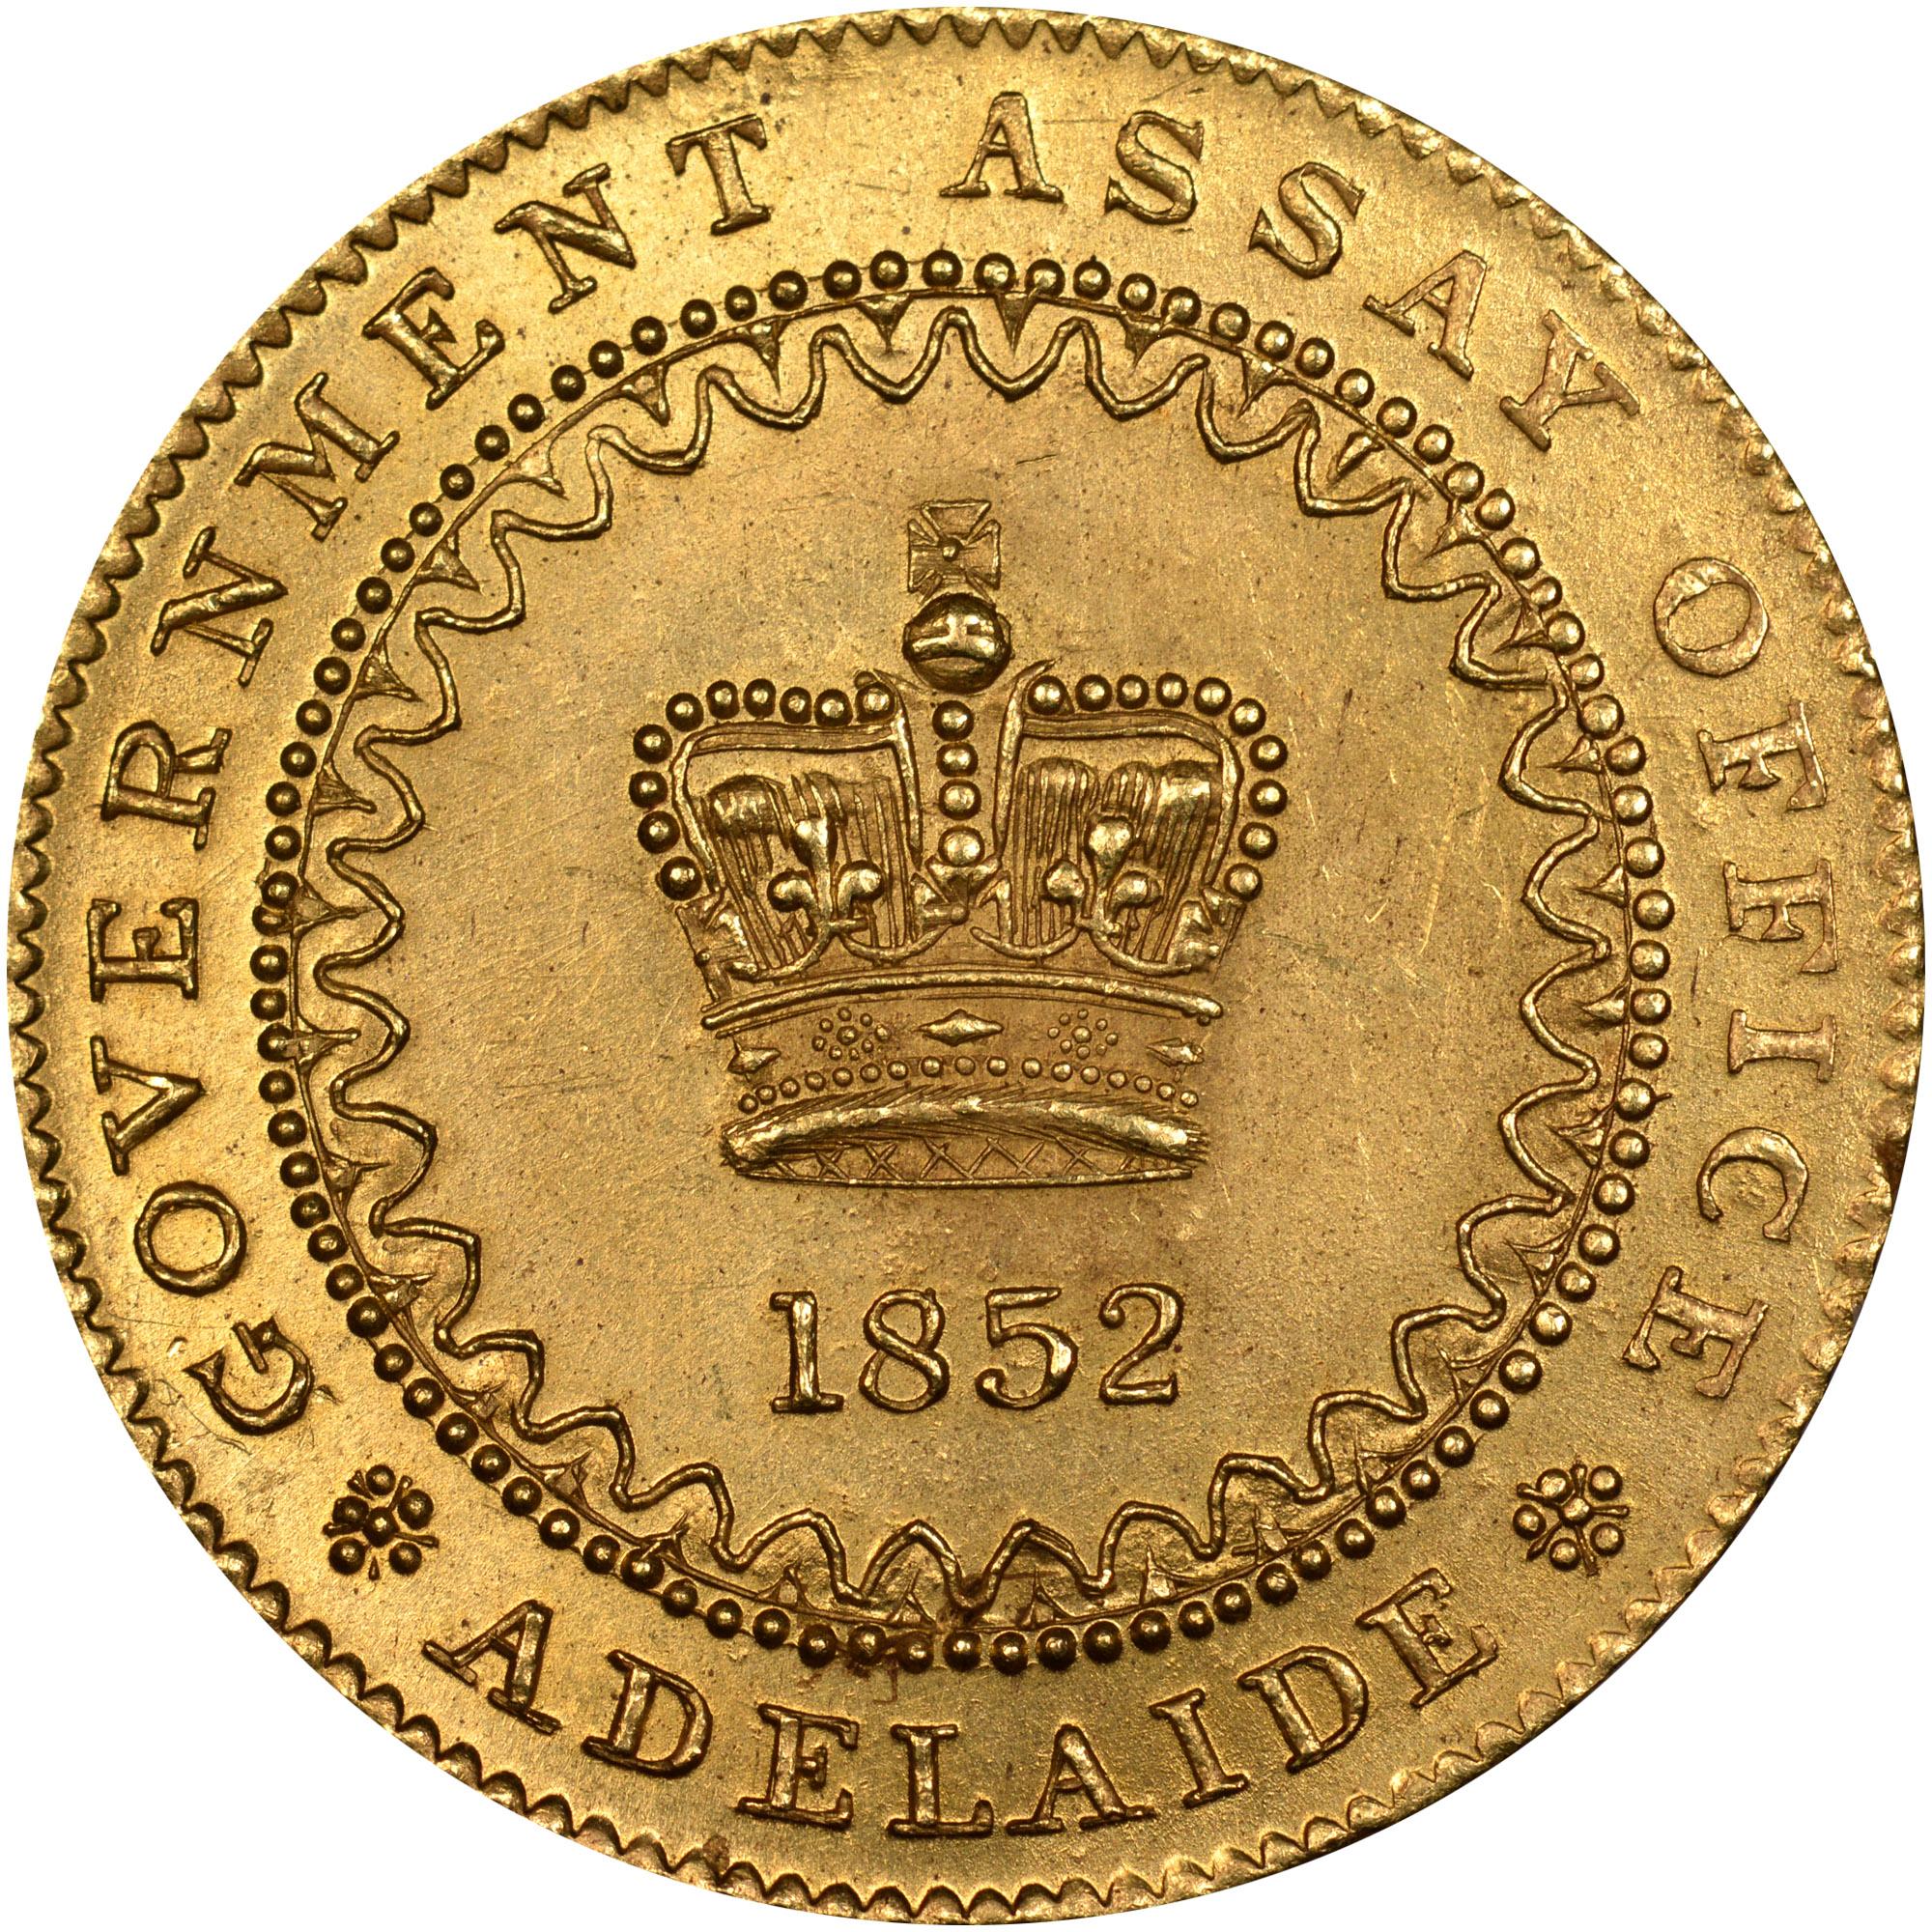 1852 Australia SOUTH AUSTRALIA Adelaide Pound obverse